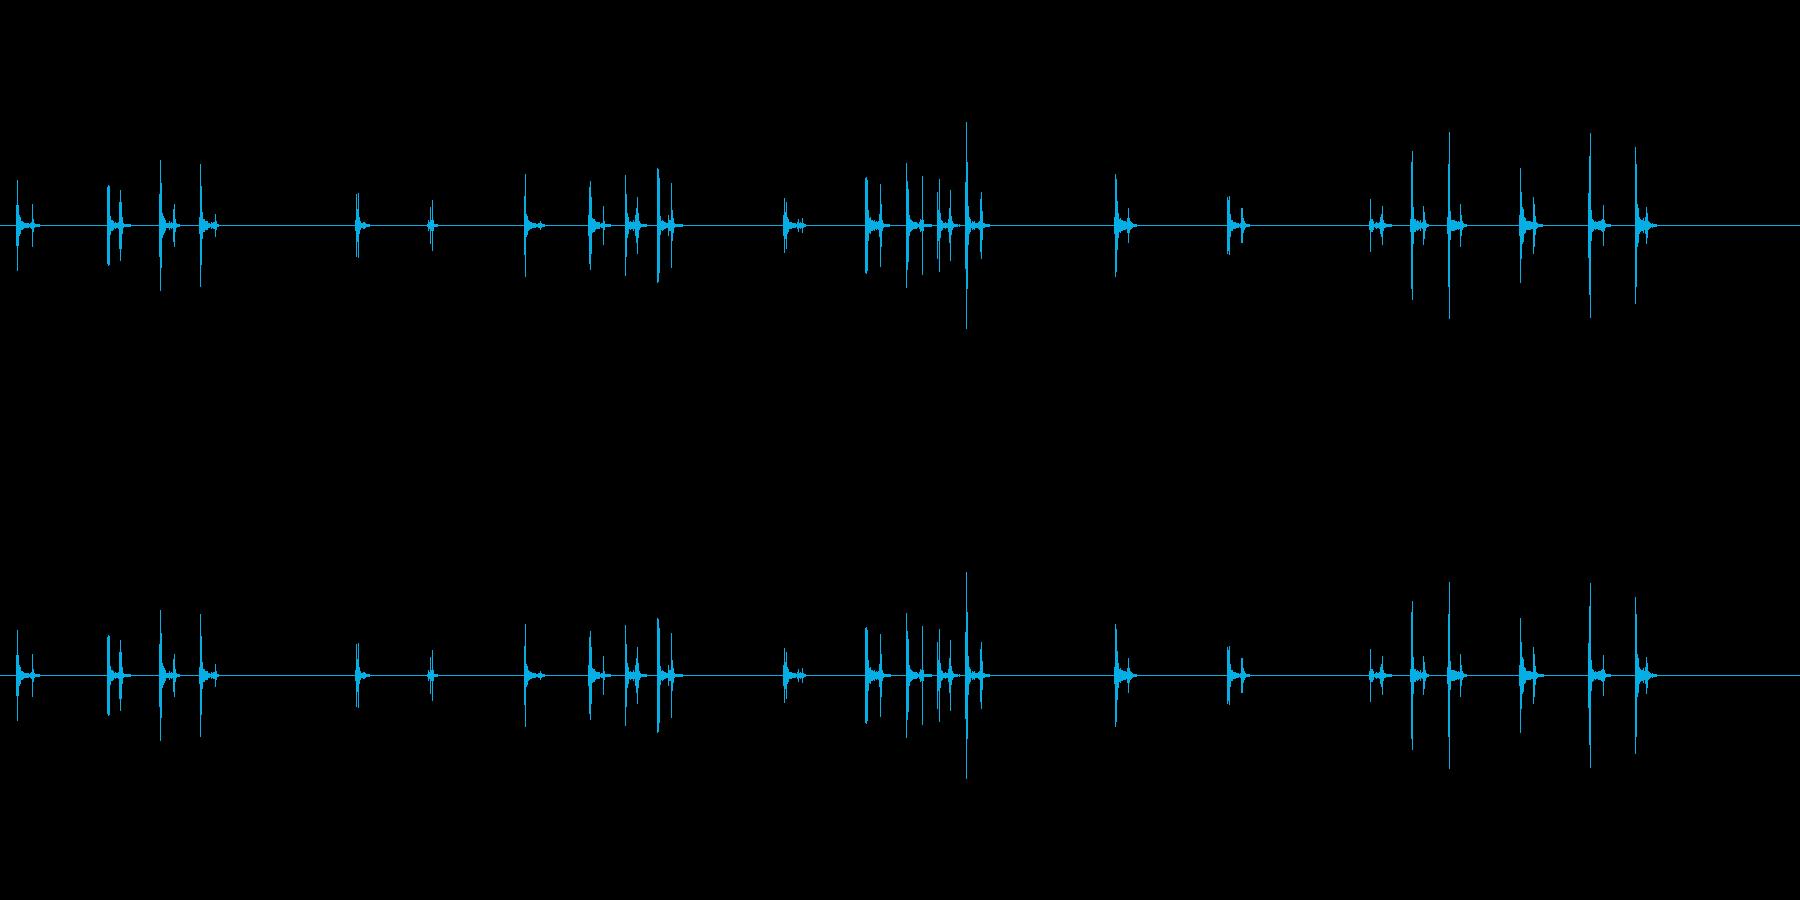 PC キーボード05-07(方向)の再生済みの波形